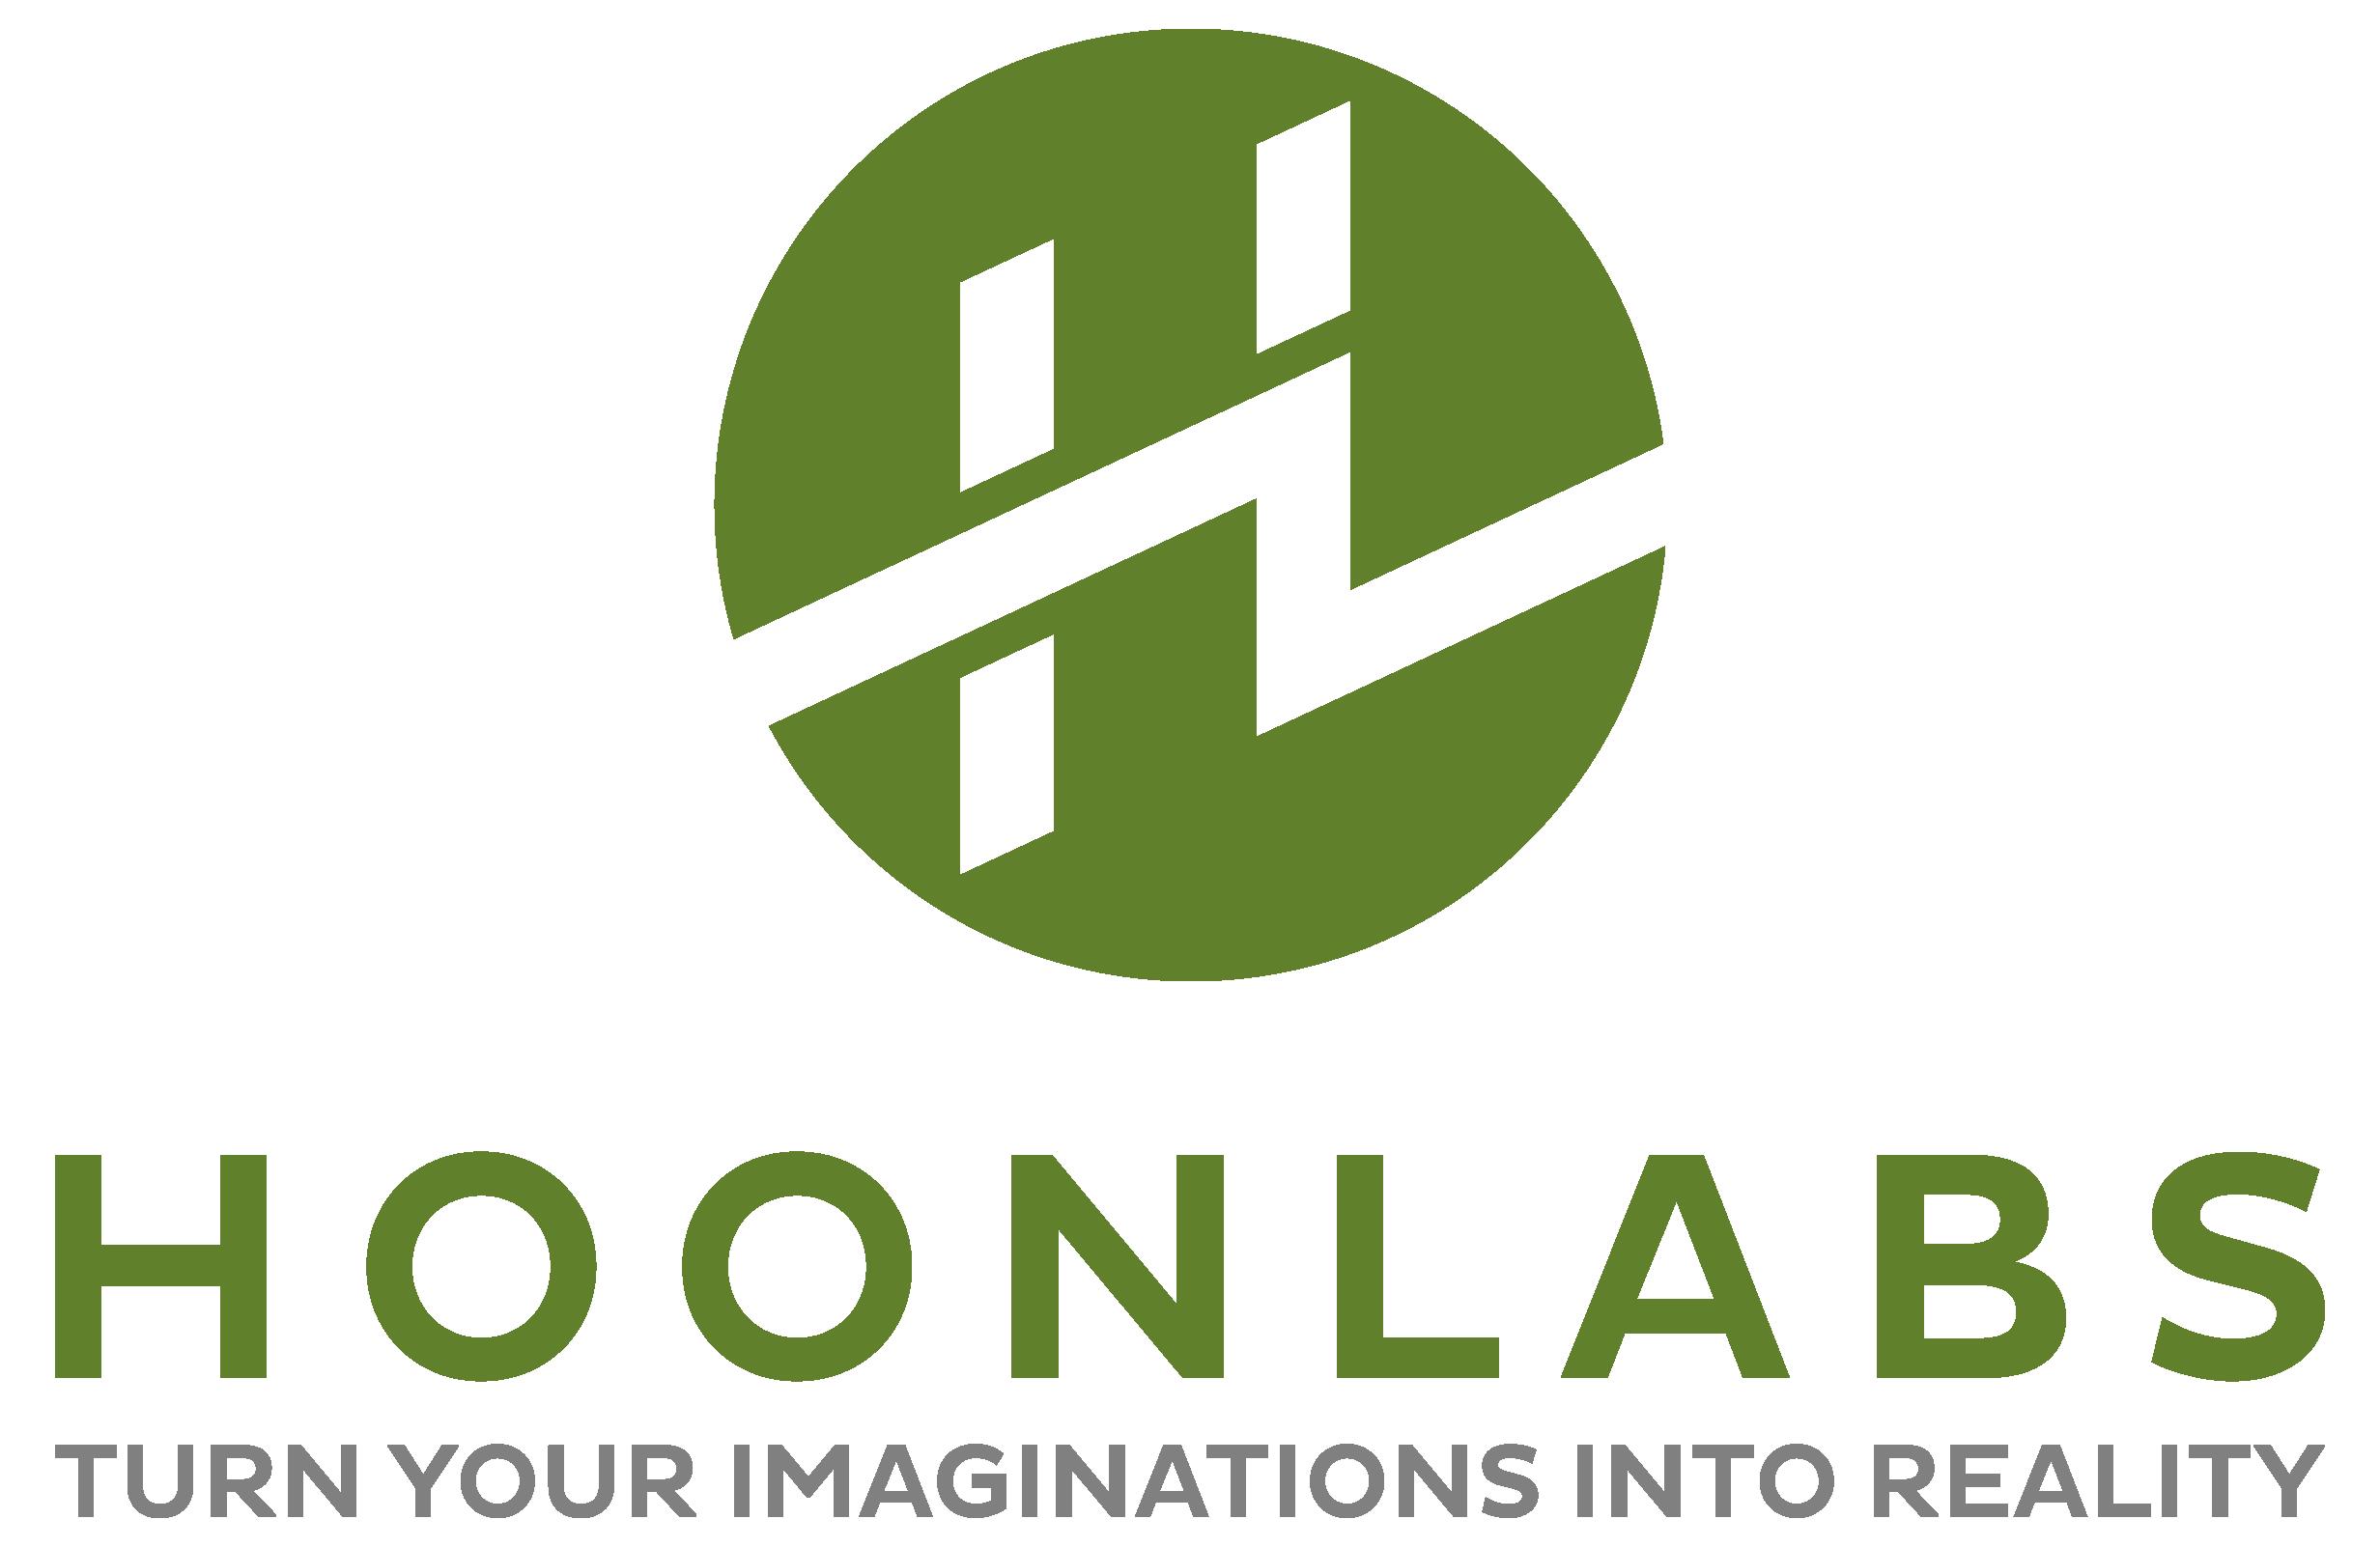 Logo for Digital Asset Trading Firm